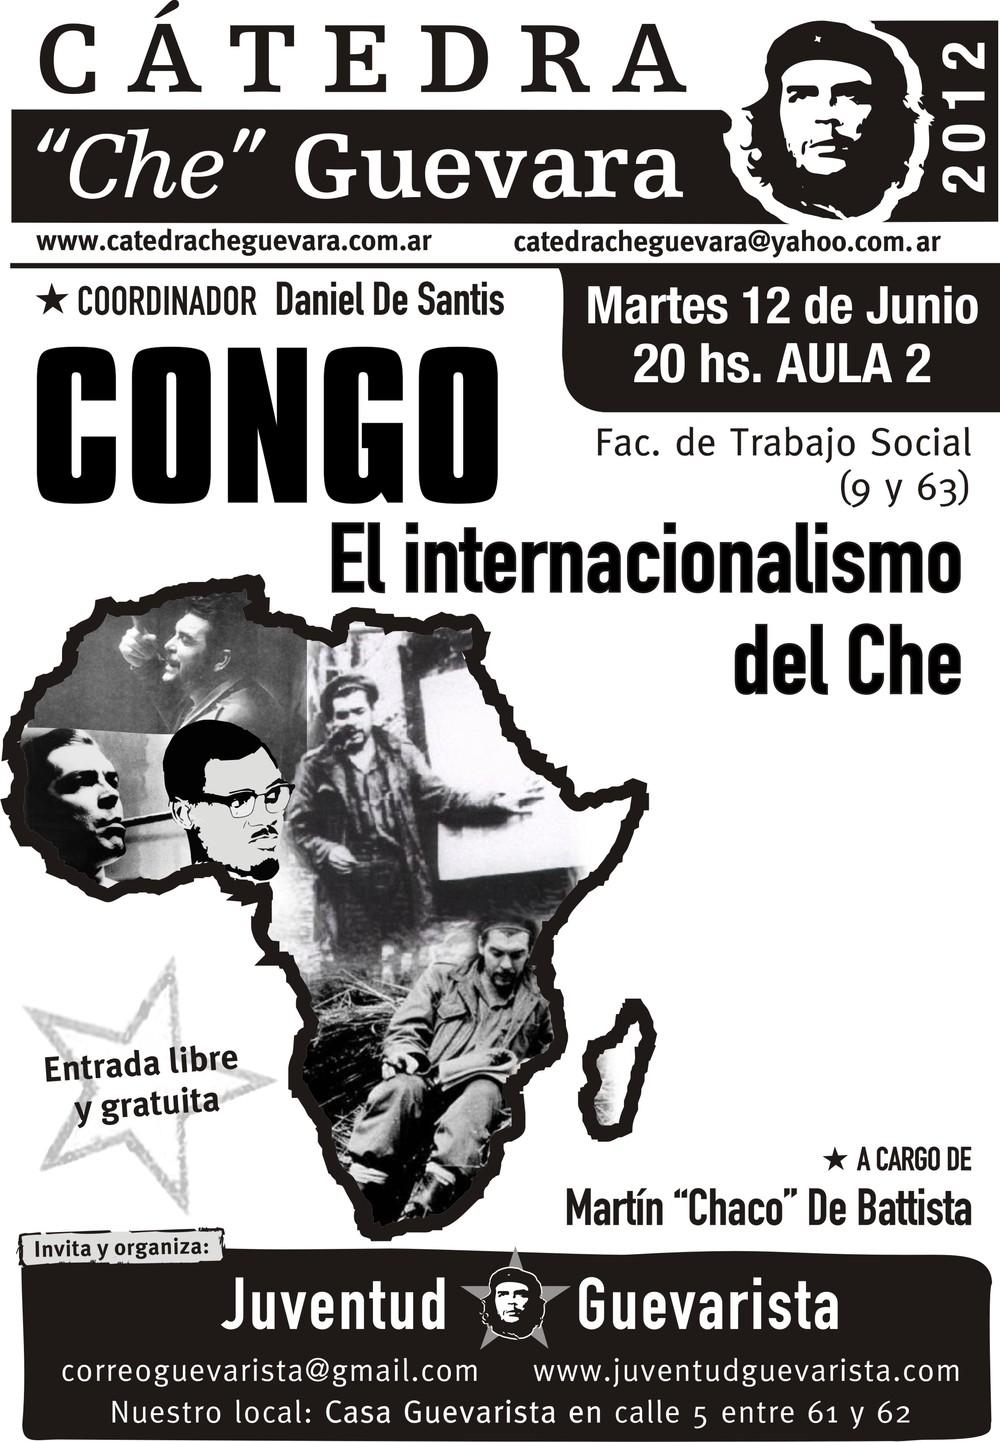 """Incluso a partir de los fracasos de Guevara algunos logran de manera creativa construir unadoctrina: """"El internacionalismo"""". La industria académica demuestra ser muy creativa. Cabe preguntarse la conexión entre Guevara y Patrice Lumumba (como se sugiere en el afiche)"""